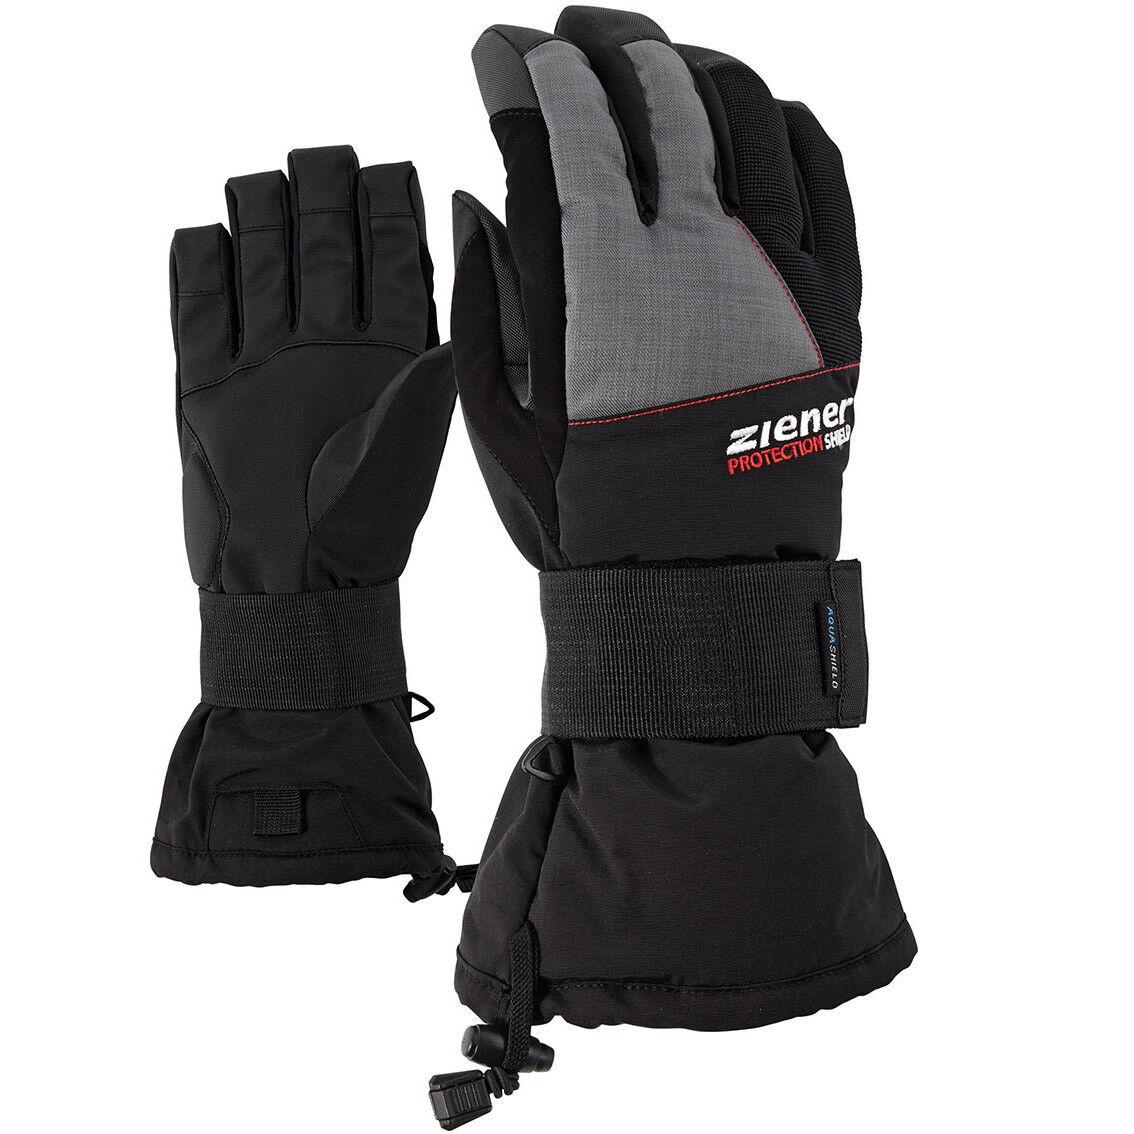 Ziener Herren Fingerhandschuh MERFOS AS AS AS 8730ce